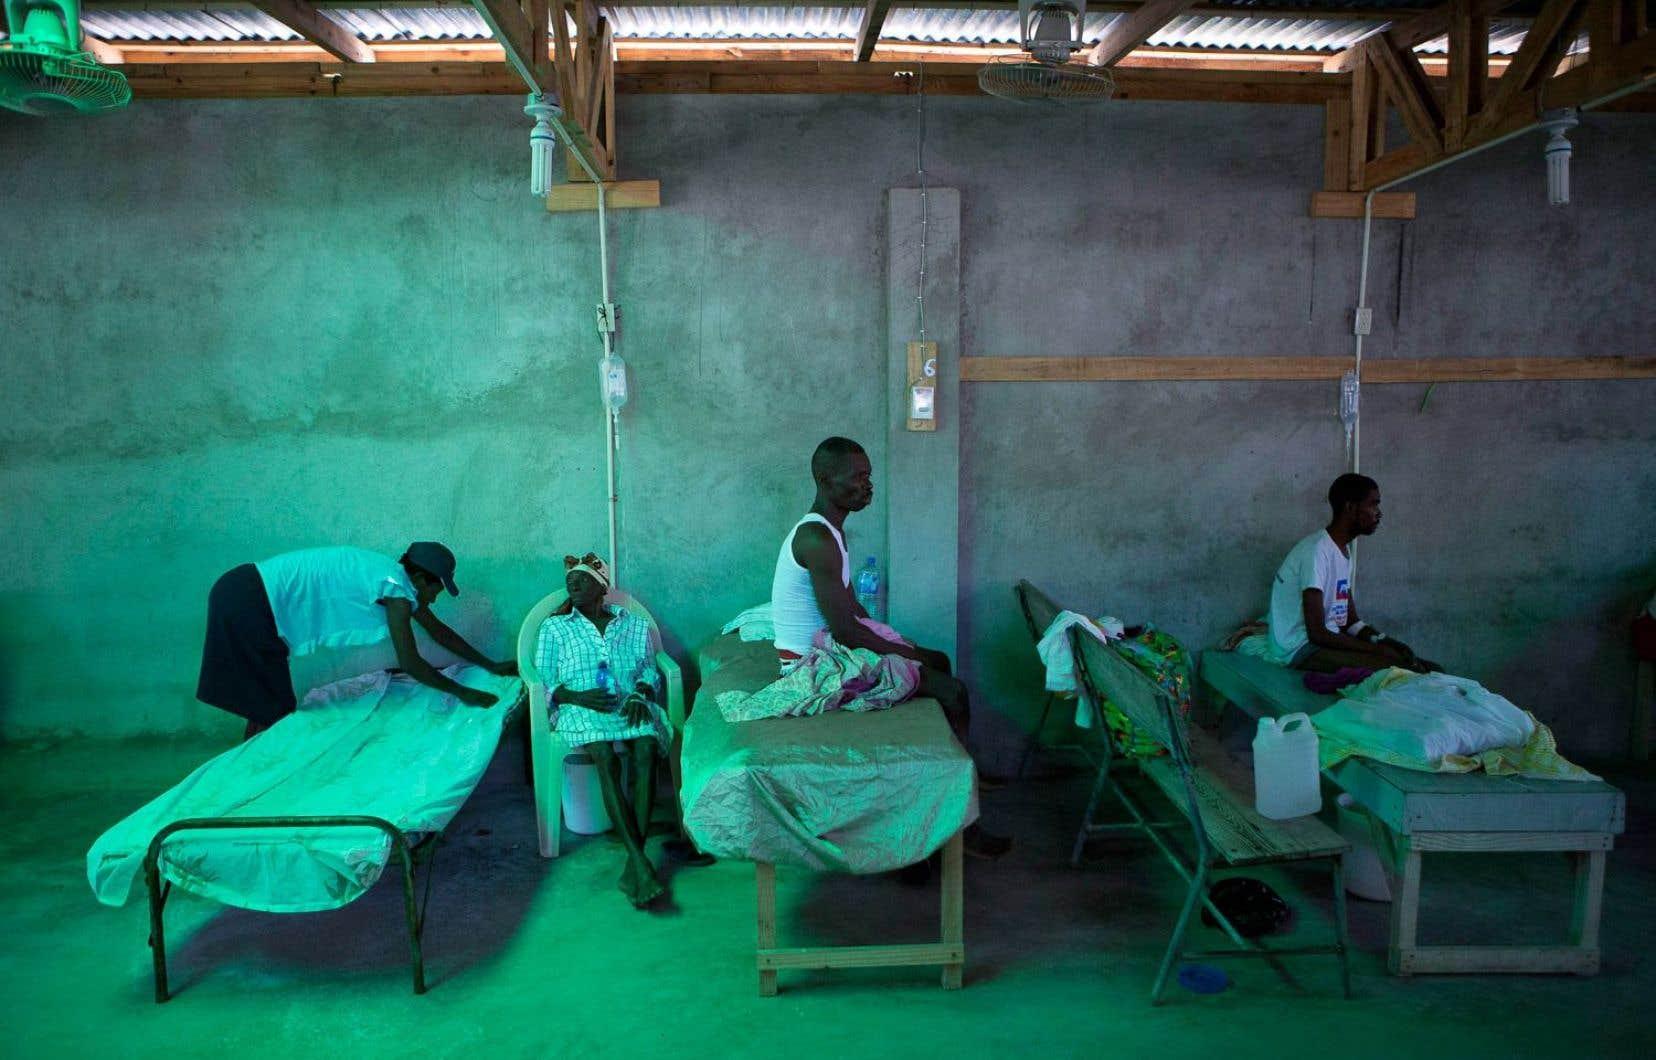 La fille d'Armant Germain, âgée de 84 ans, replaçait les draps sur le lit de sa mère, mardi, dans le pavillon du choléra à l'hôpital de Les Cayes. Cette commune du sud-ouest d'Haïti a été durement frappée par l'ouragan <em>Matthew</em>, la semaine dernière, ce qui fait craindre aux autorités une nouvelle flambée de choléra.